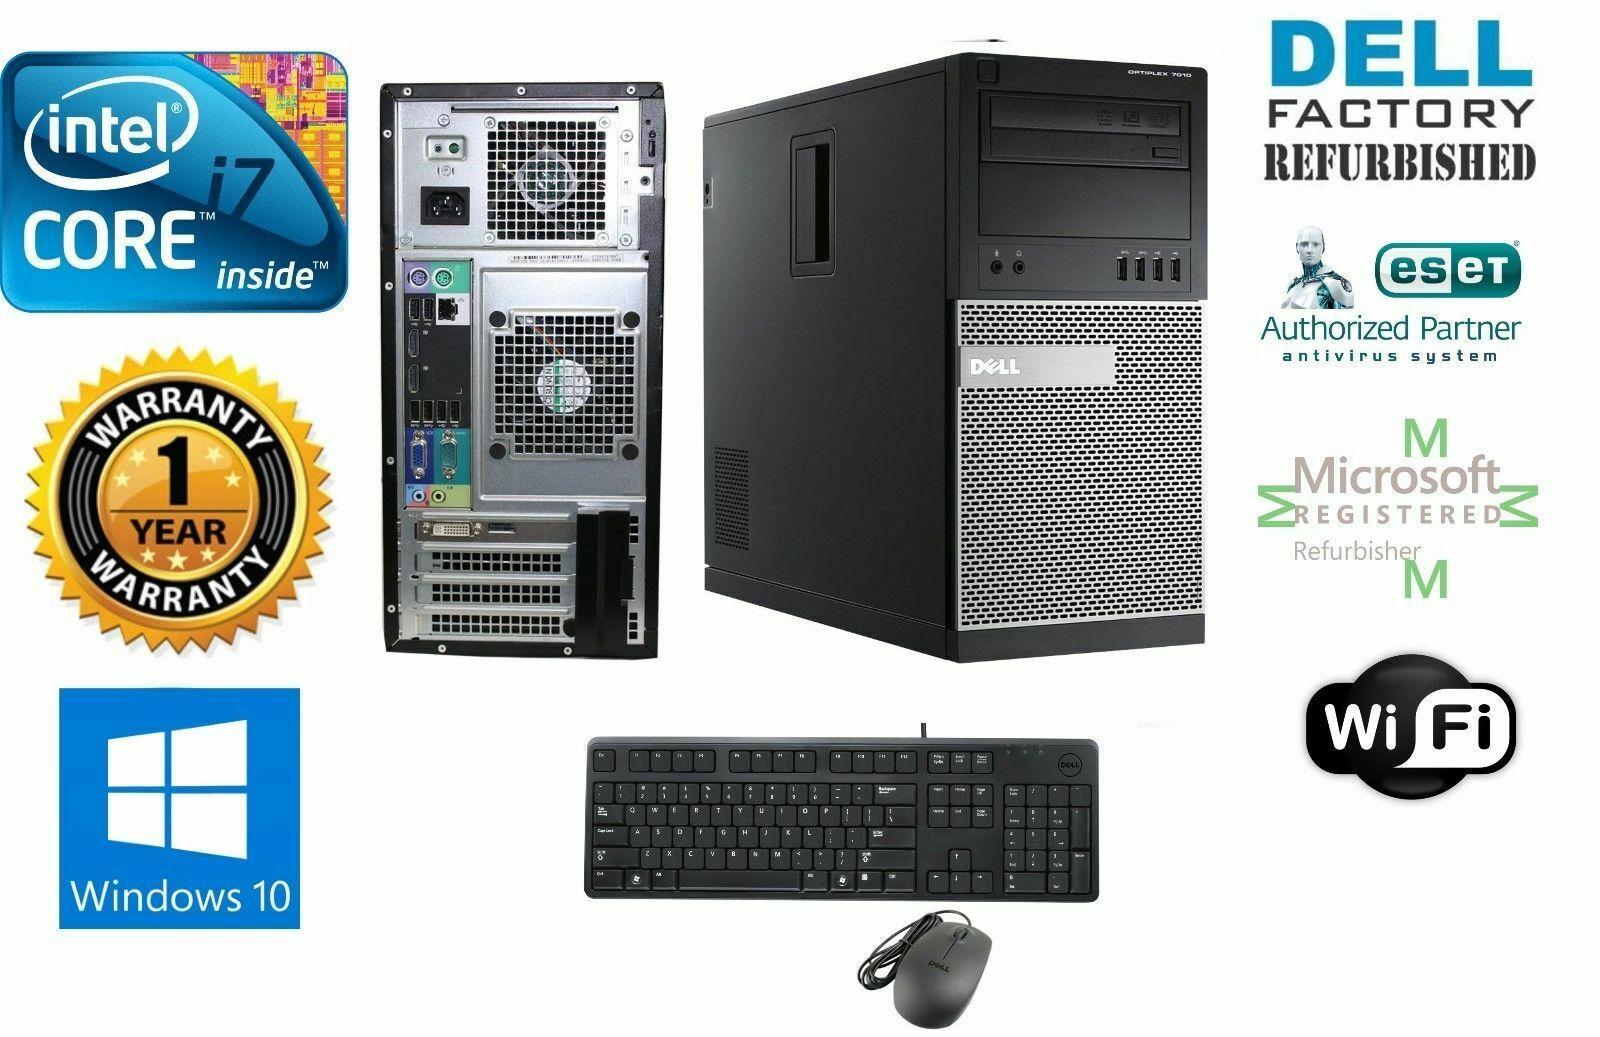 Dell 990 TOWER i7 2600 Quad  3.40GHz 16GB 120GB SSD + 1TB Storage Win 10 Pro 64 - $754.48